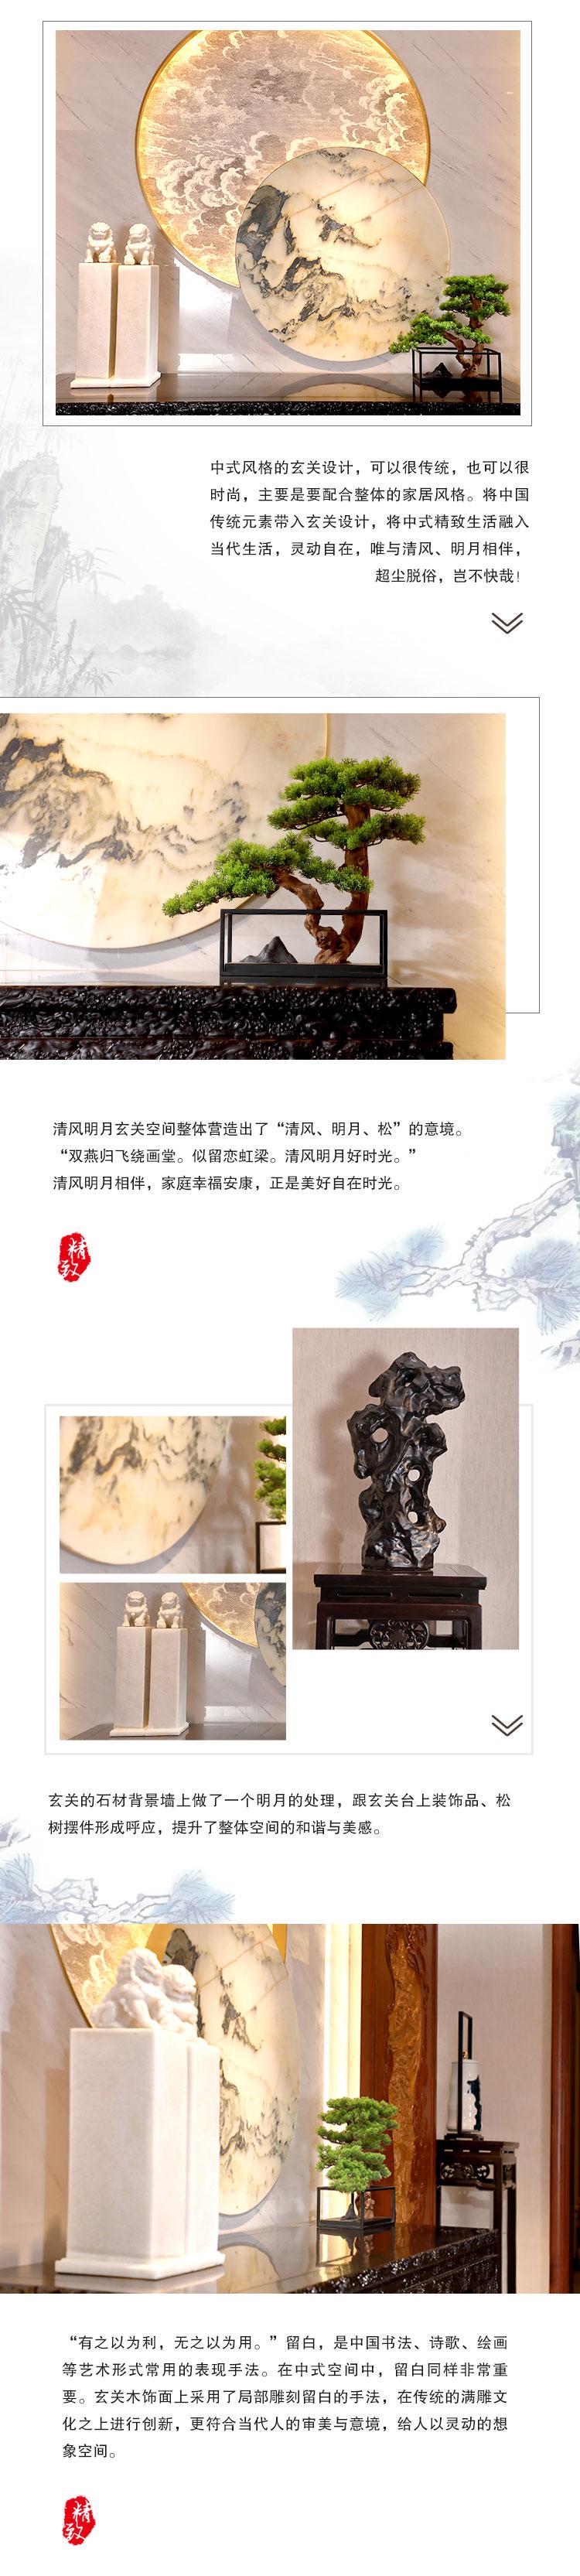 卓木王《清风明月玄关空间》.jpg